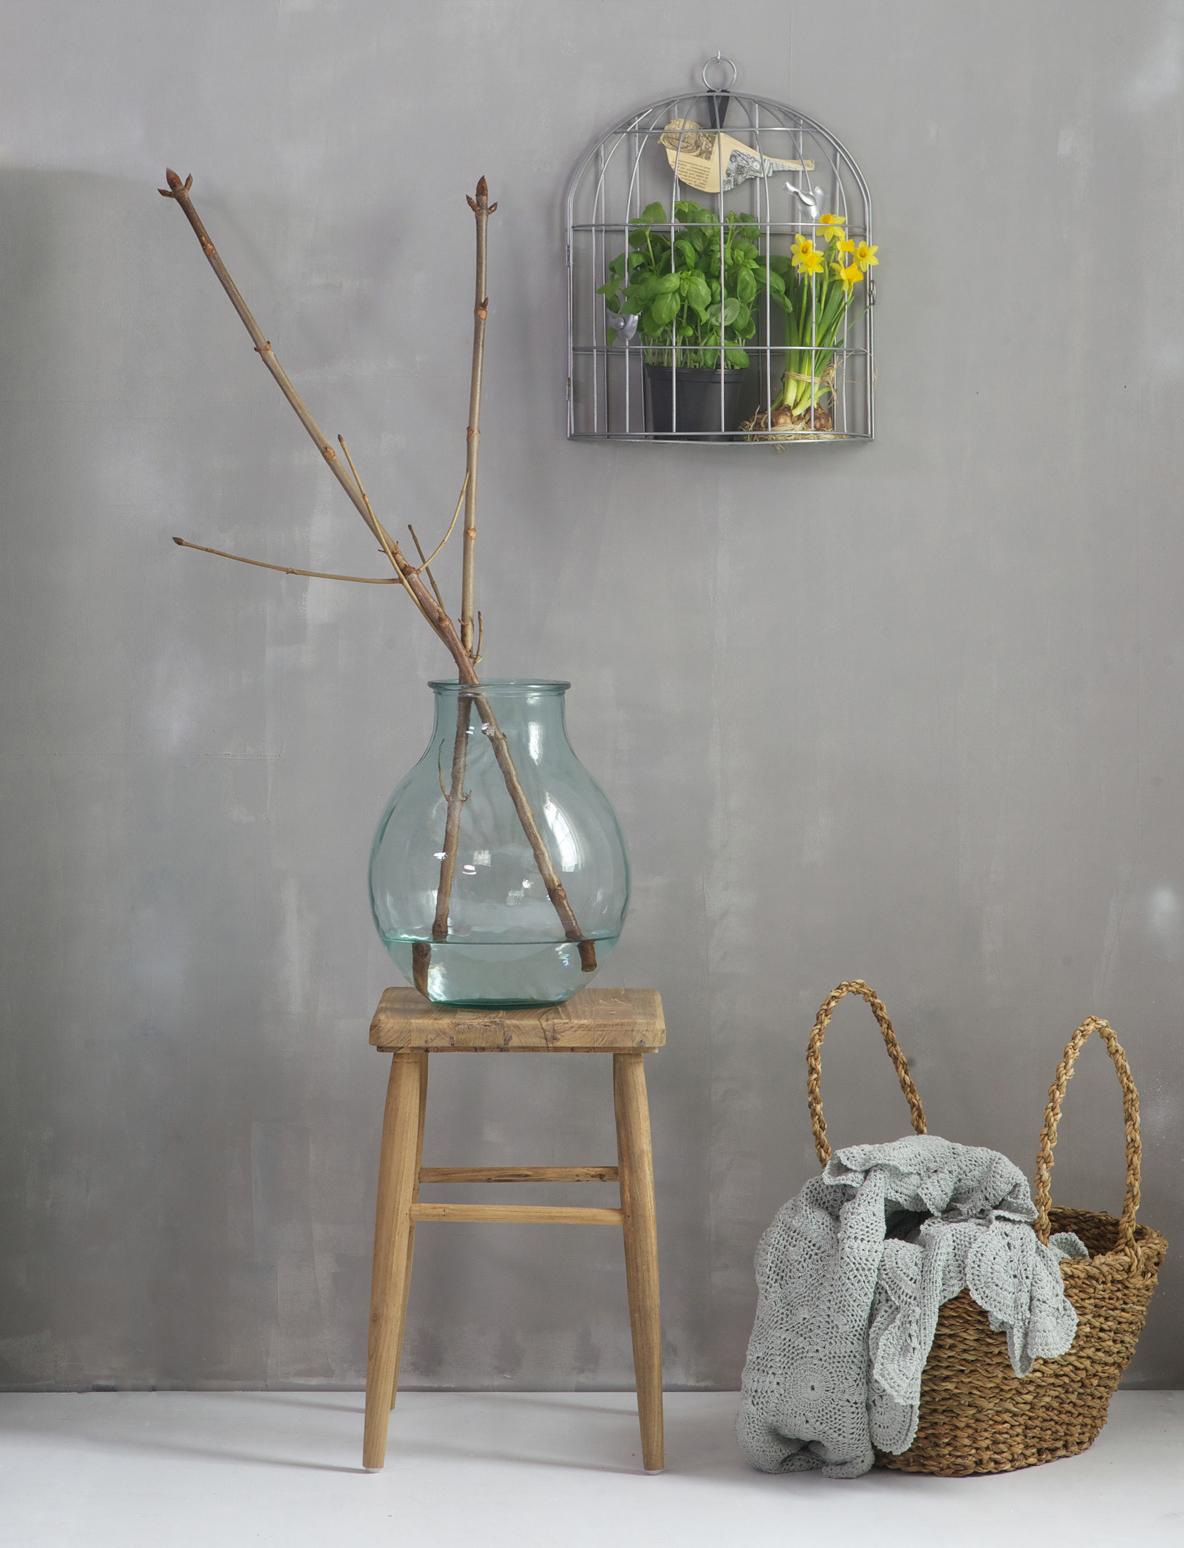 ... interieur of als plantentafel in een wit /pastel kleurig interieur